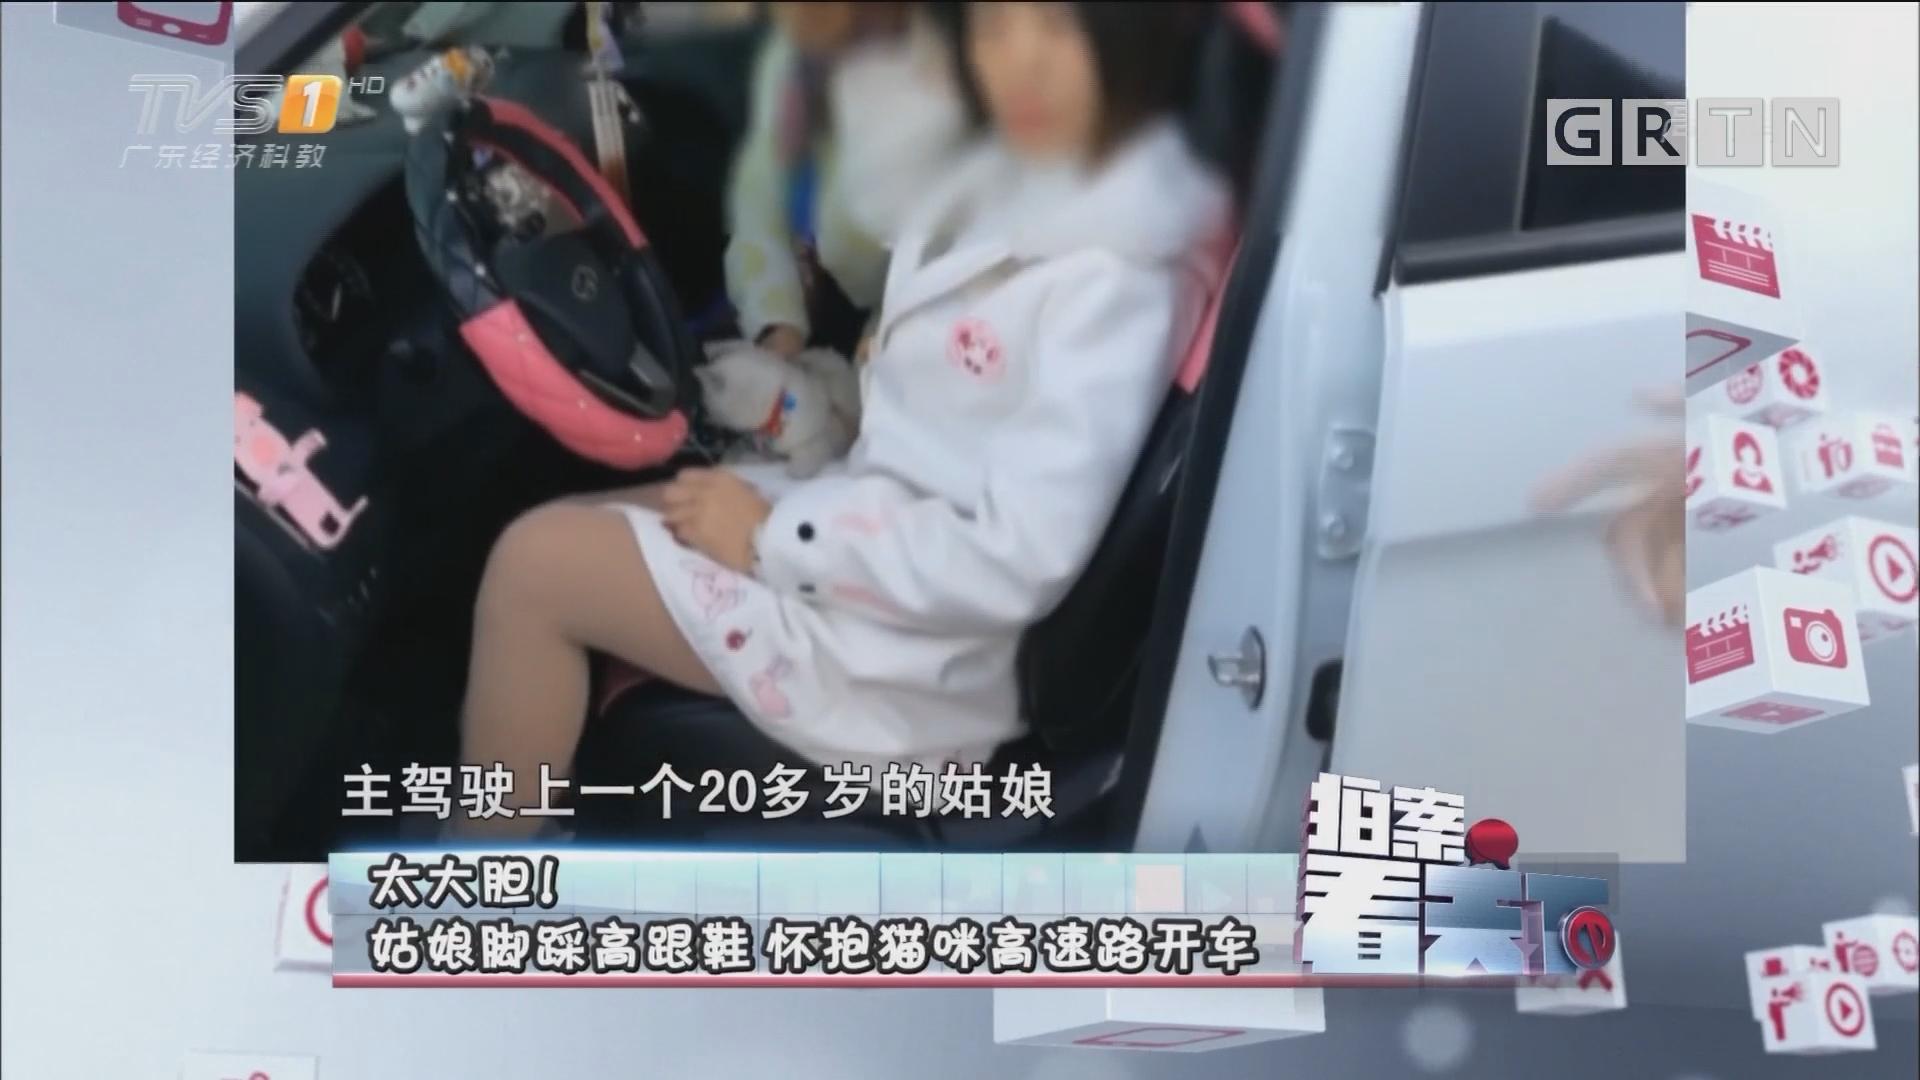 [HD][2017-11-14]拍案看天下:太大胆!姑娘脚踩高跟鞋 怀抱猫咪高速路开车